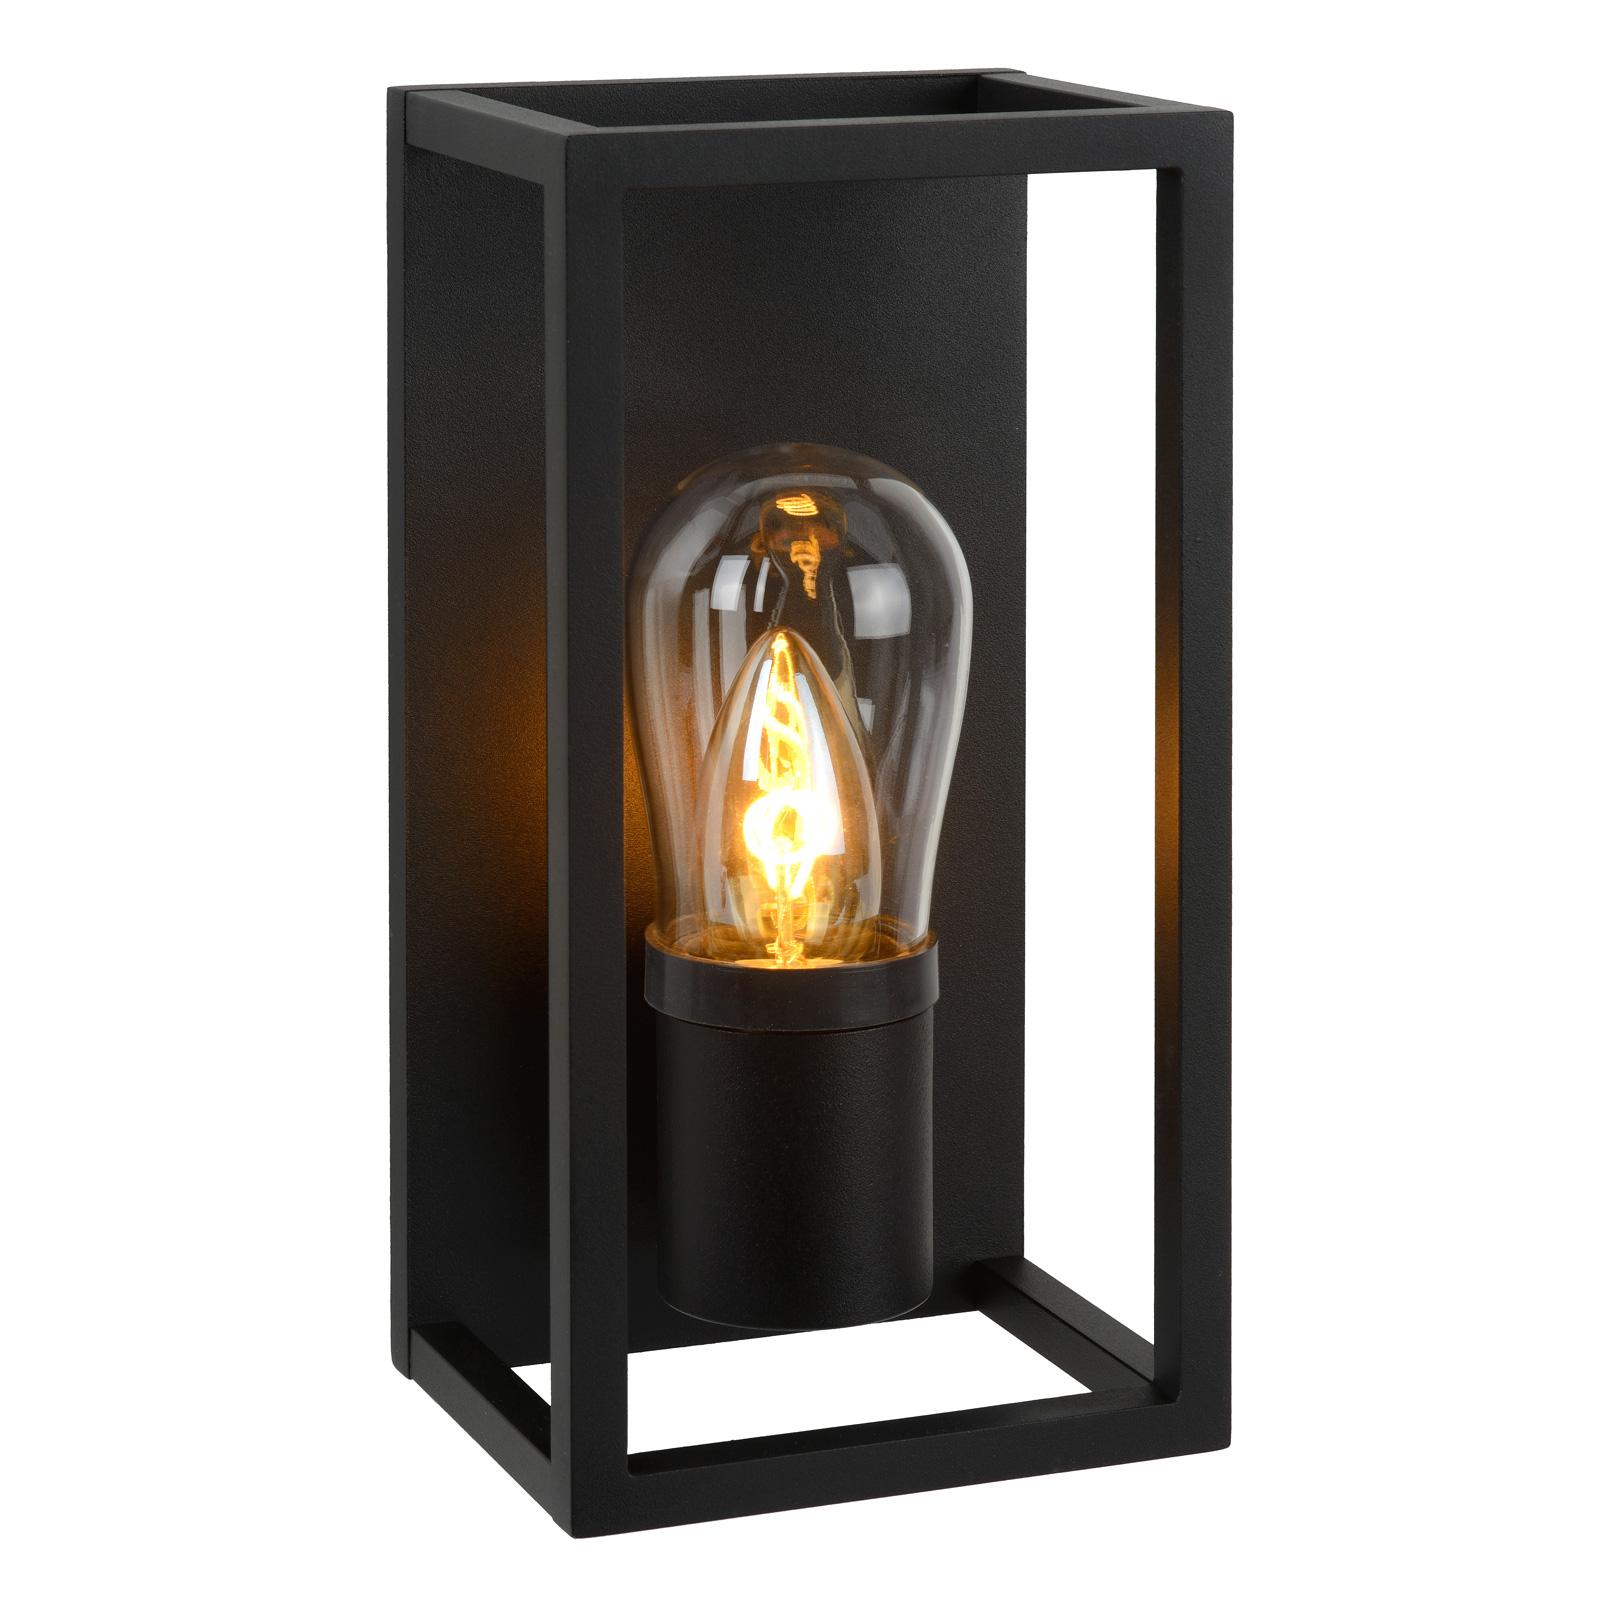 Wandlamp Carlyn badkamer zwart